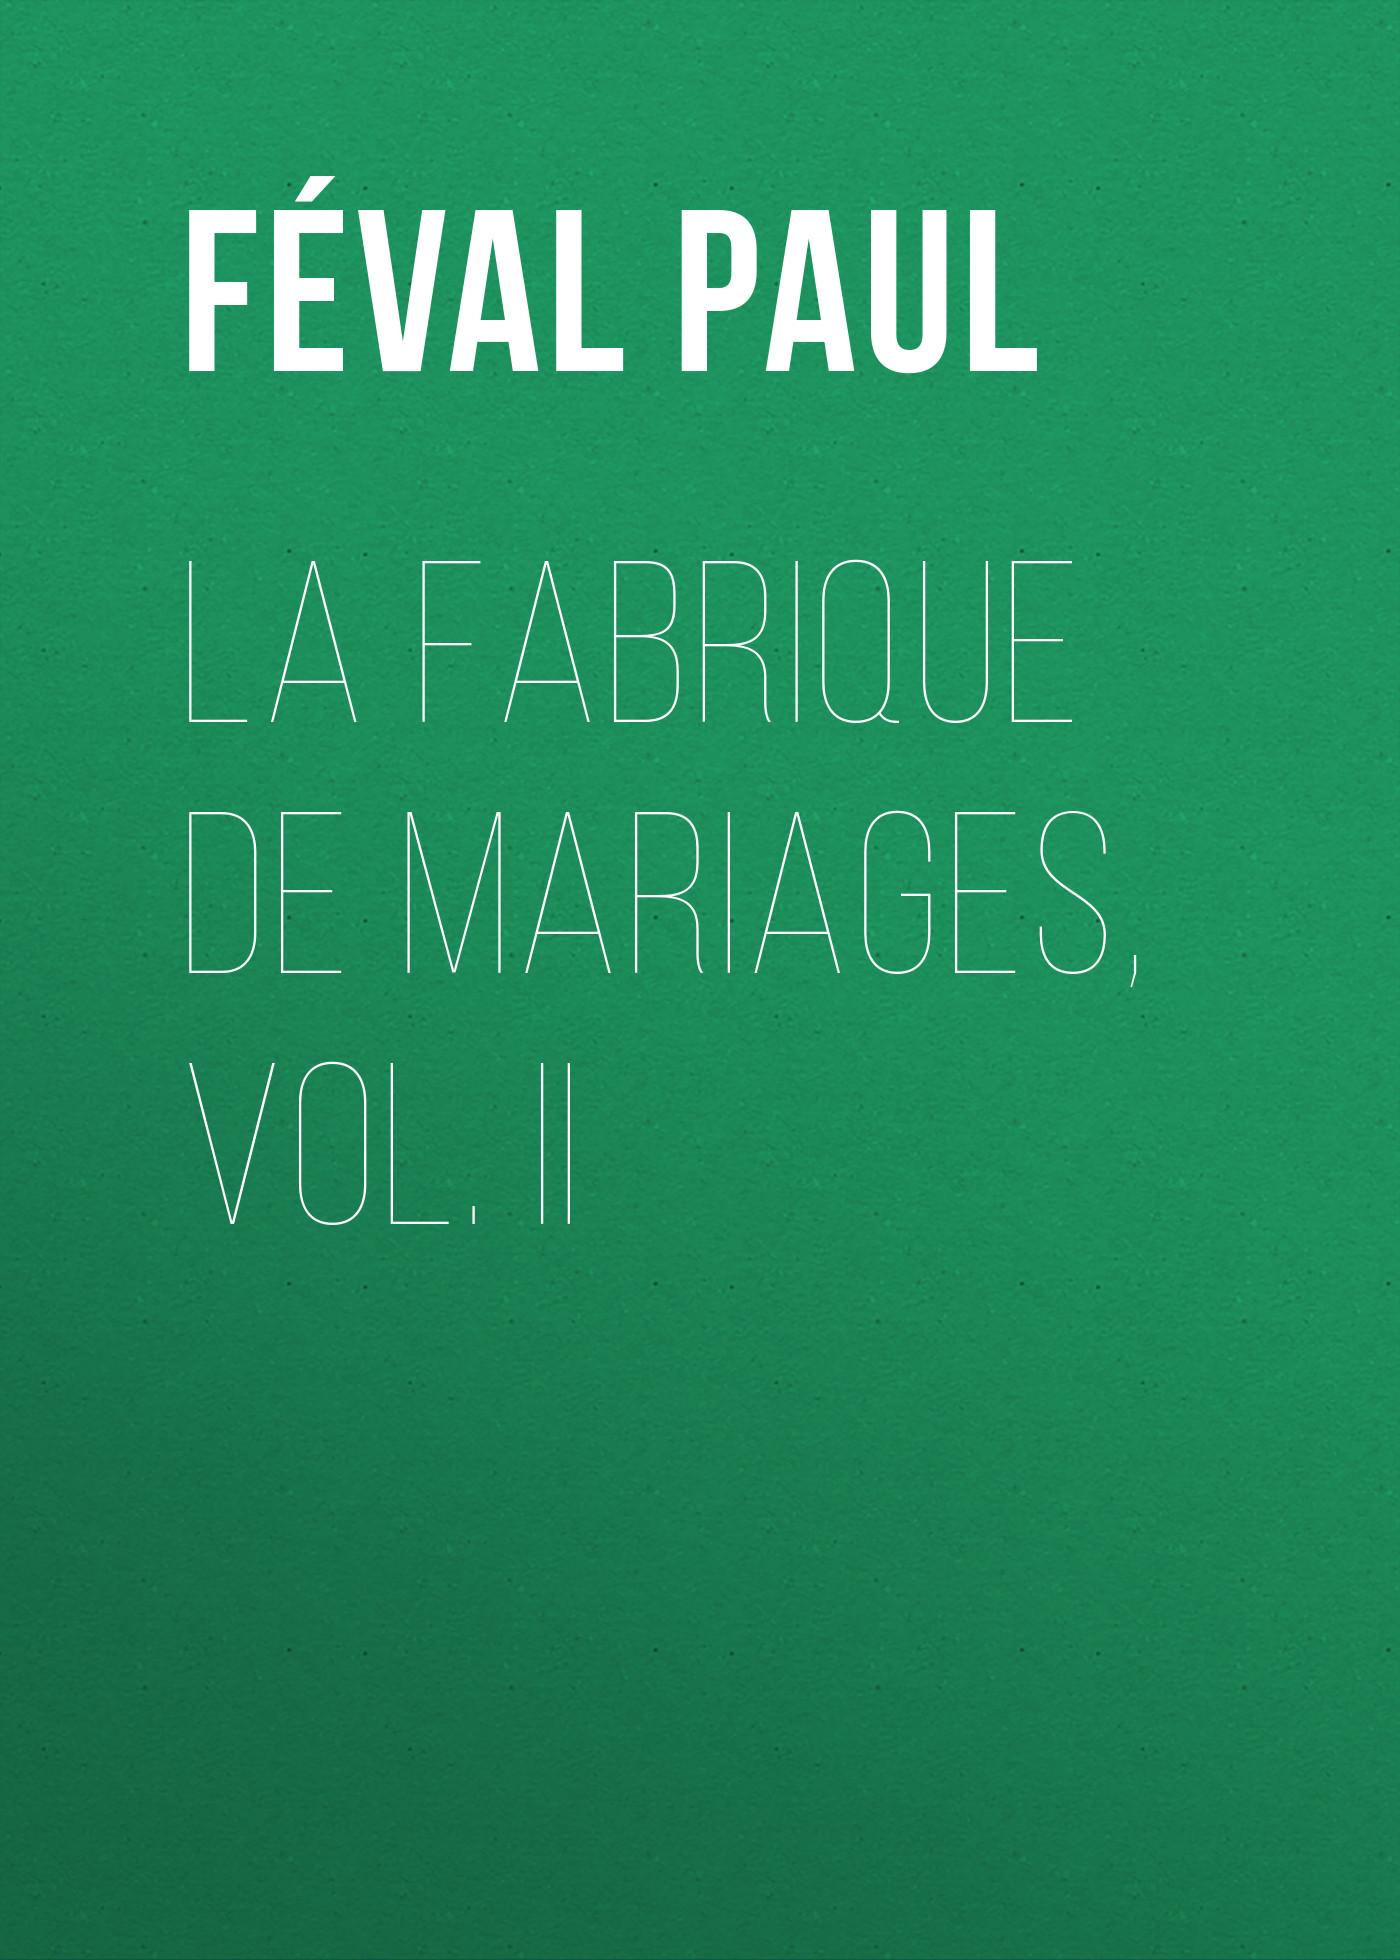 Féval Paul La fabrique de mariages, Vol. II флизелиновые обои loymina classic vol ii v8002 1